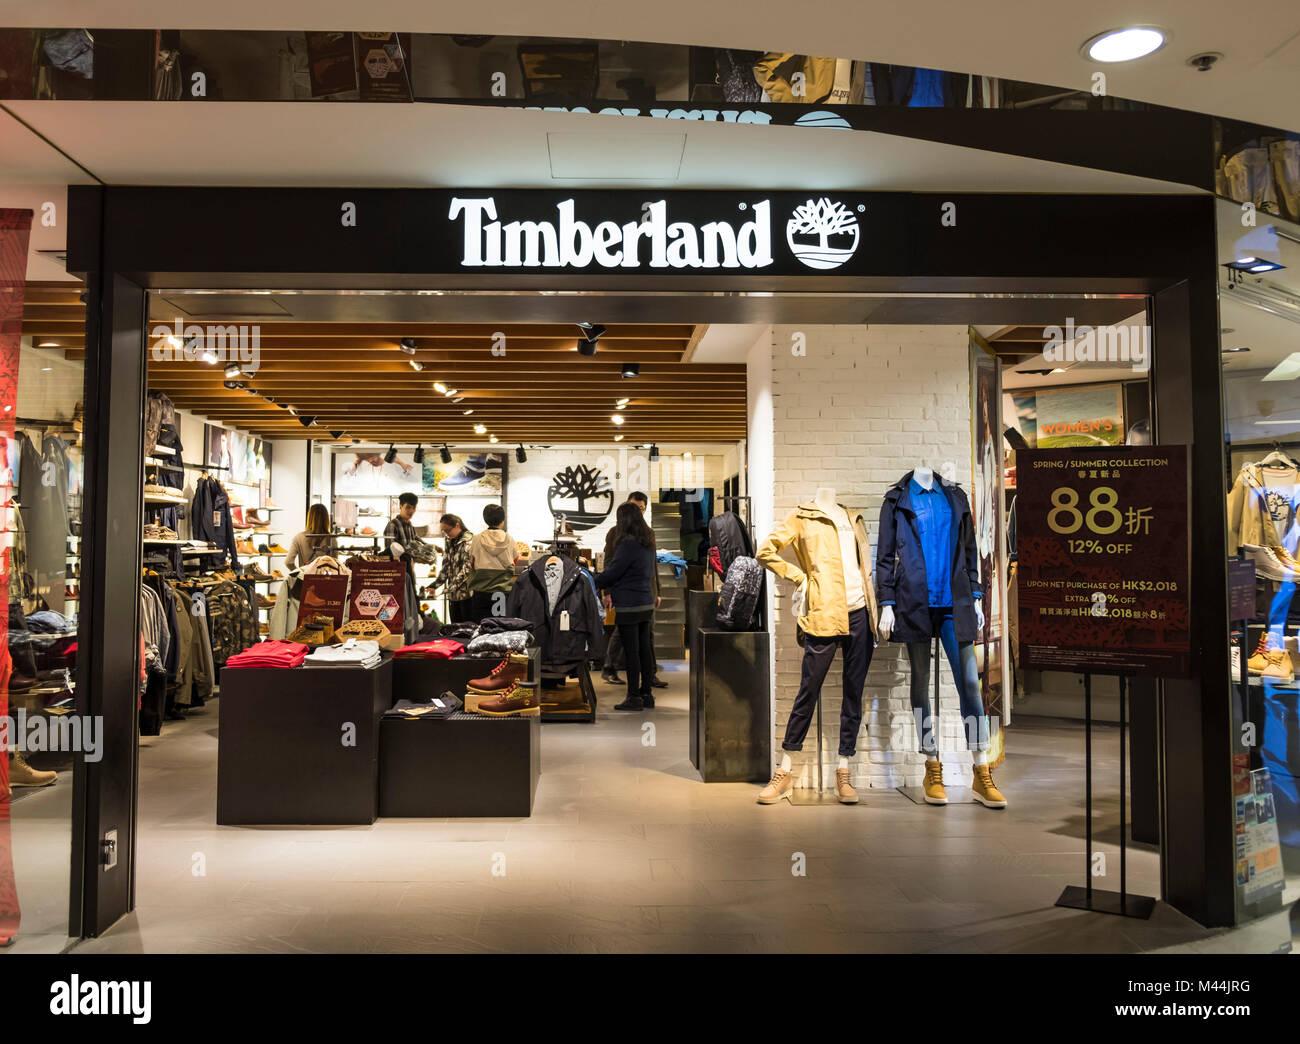 abrigo equilibrado Fielmente  Timberland Llc High Resolution Stock Photography and Images - Alamy